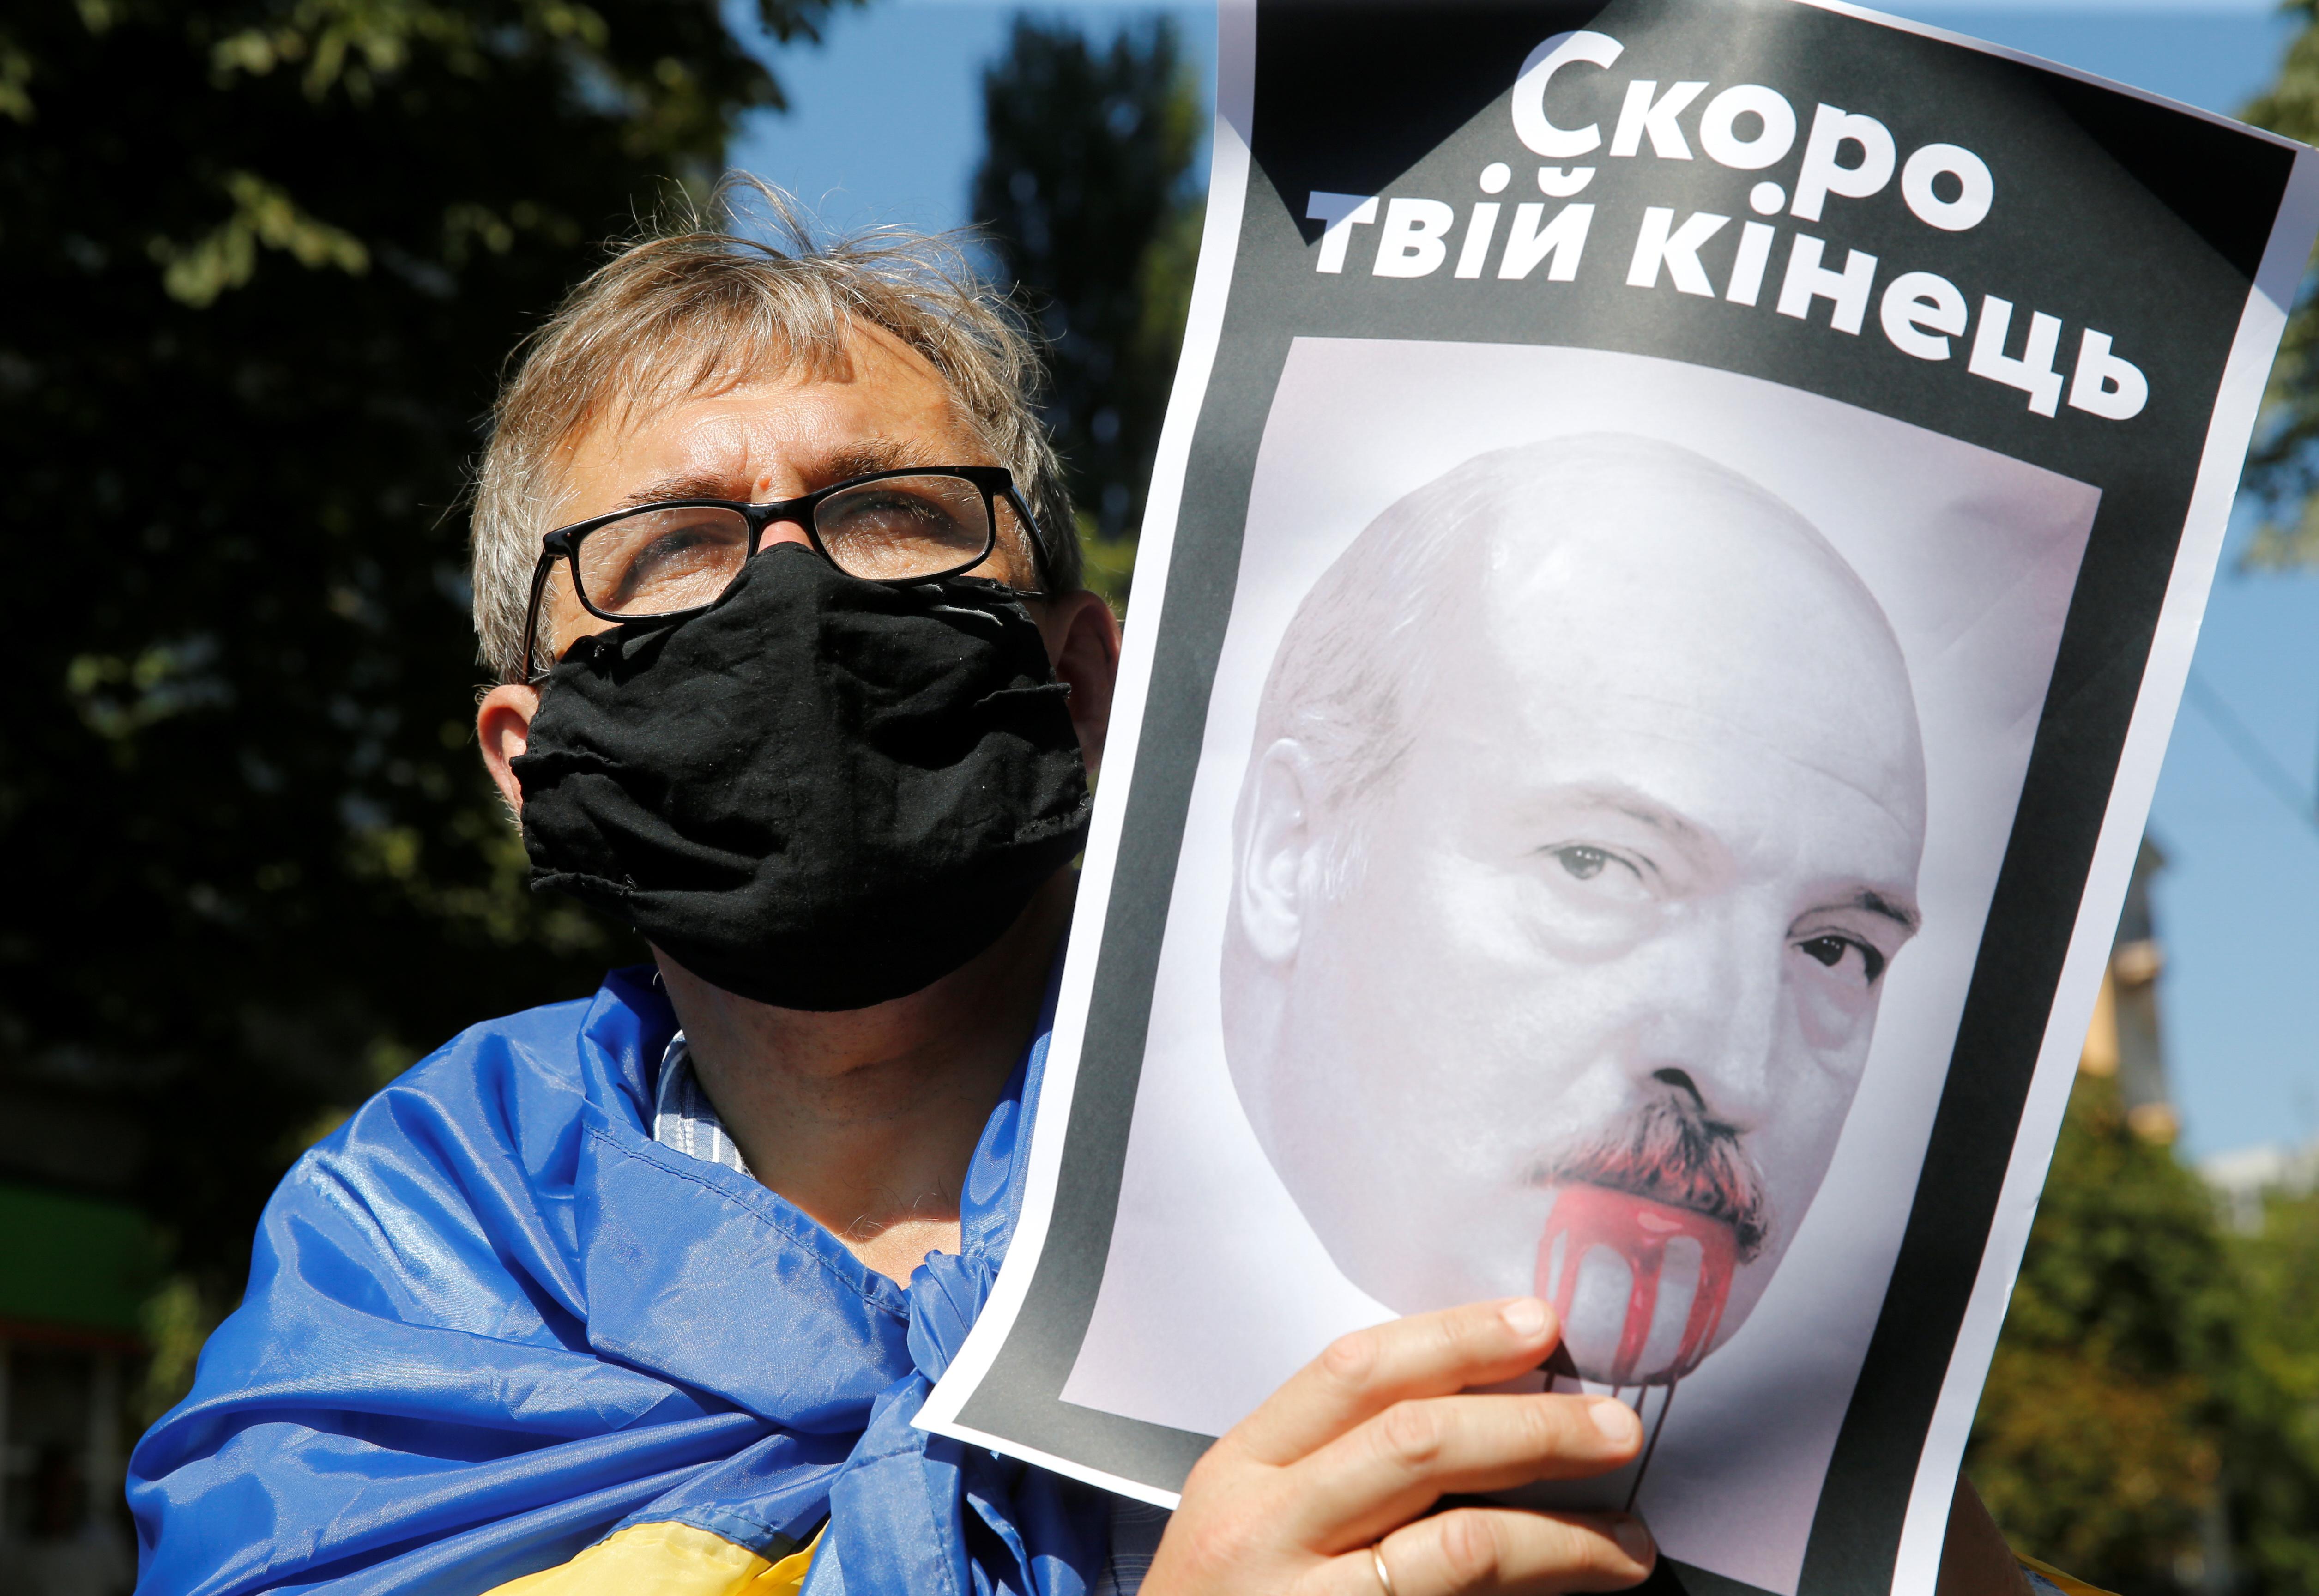 Лукашенко заявил о «террористической угрозе» со стороны протестов